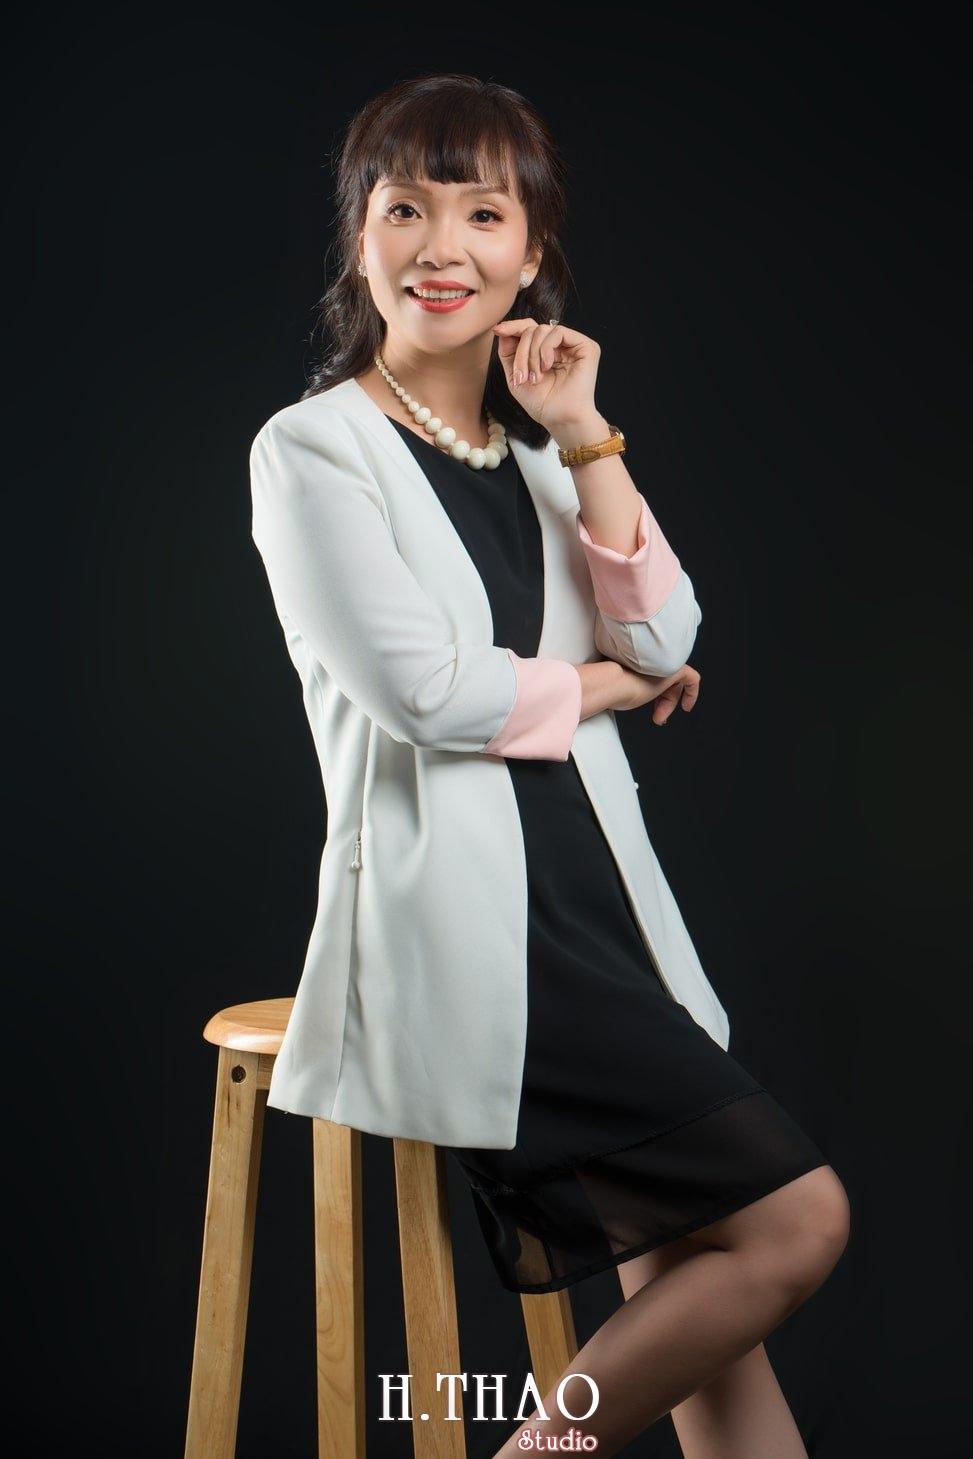 Chi Quynh 6 - Bộ ảnh Doanh nhân, Tiến sĩ V.T.B Quỳnh đẹp, sang trọng - HThao Studio